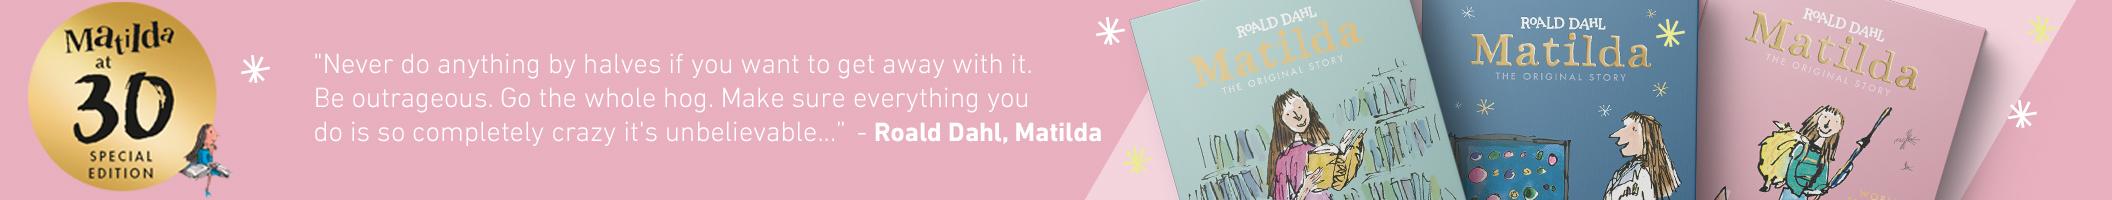 Matilda Turns 30 Landing Page Banner 2112x200